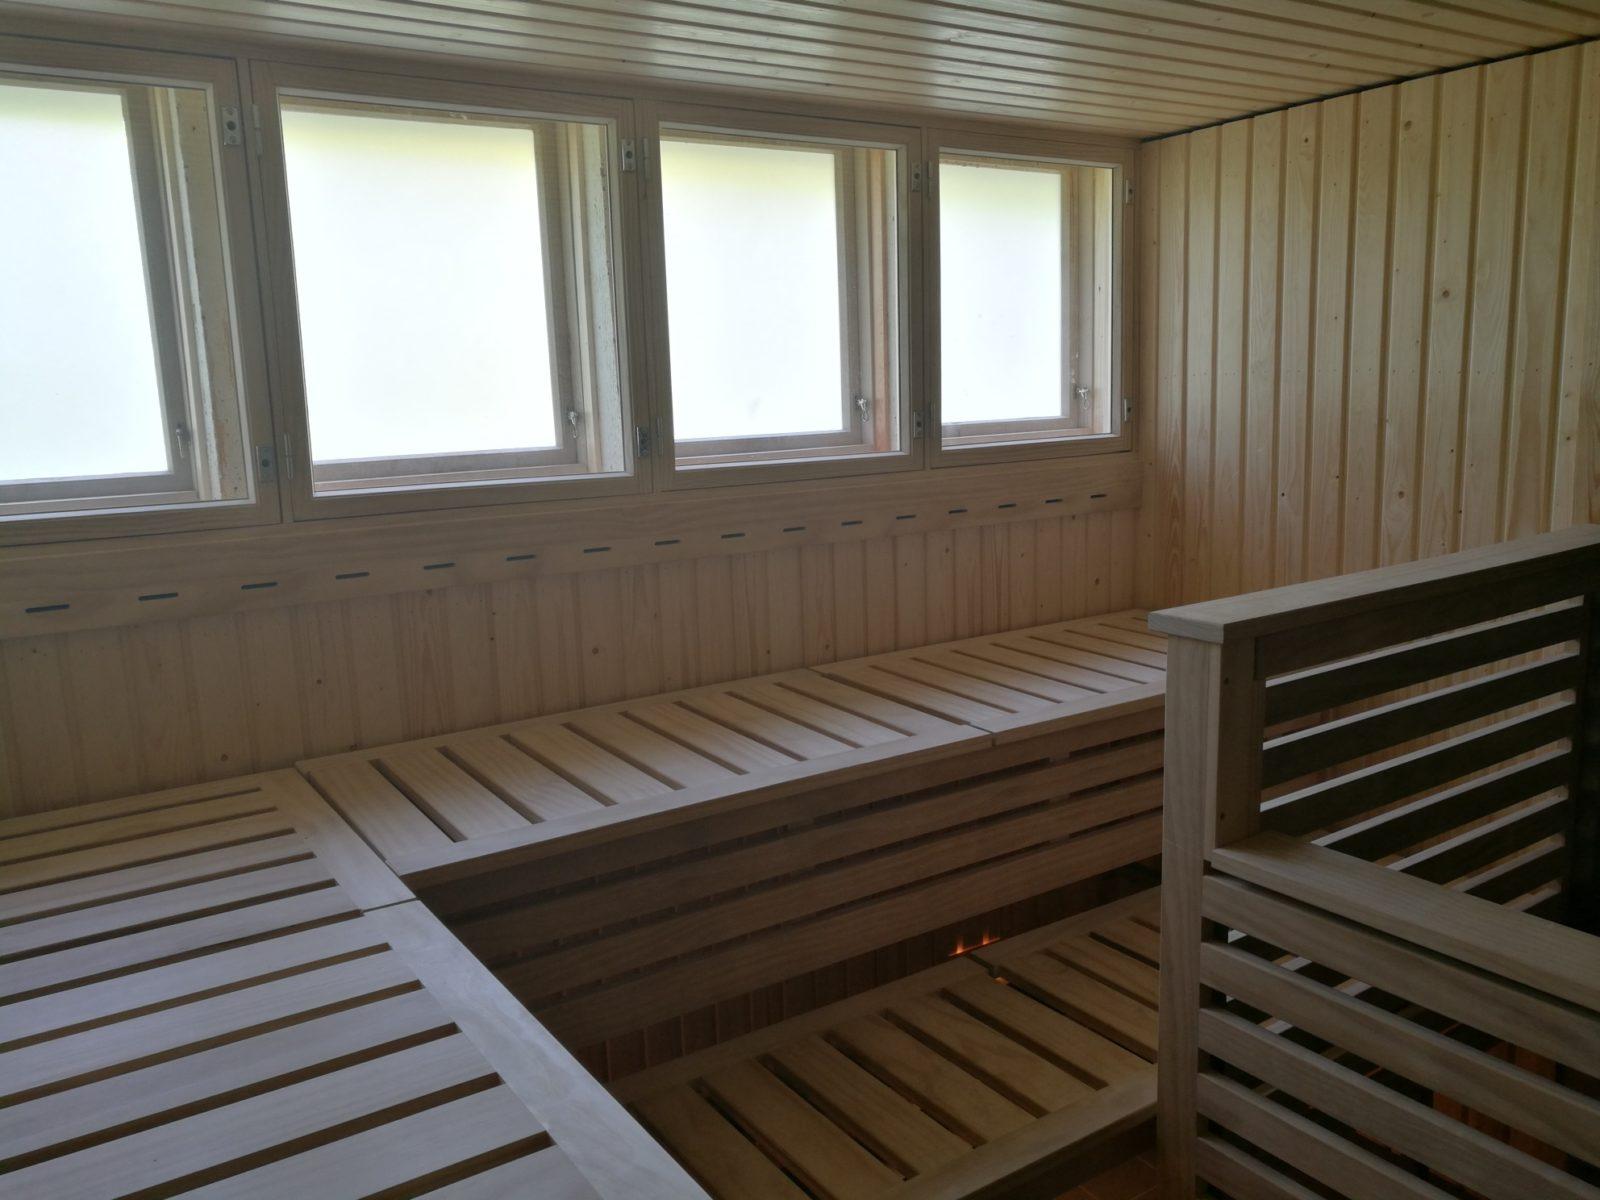 Accoya kestää erinomaisesti myös kuumuutta ja kosteutta. Se toimii myös jatkuvalämmitteisissä julkisissa saunoissa.